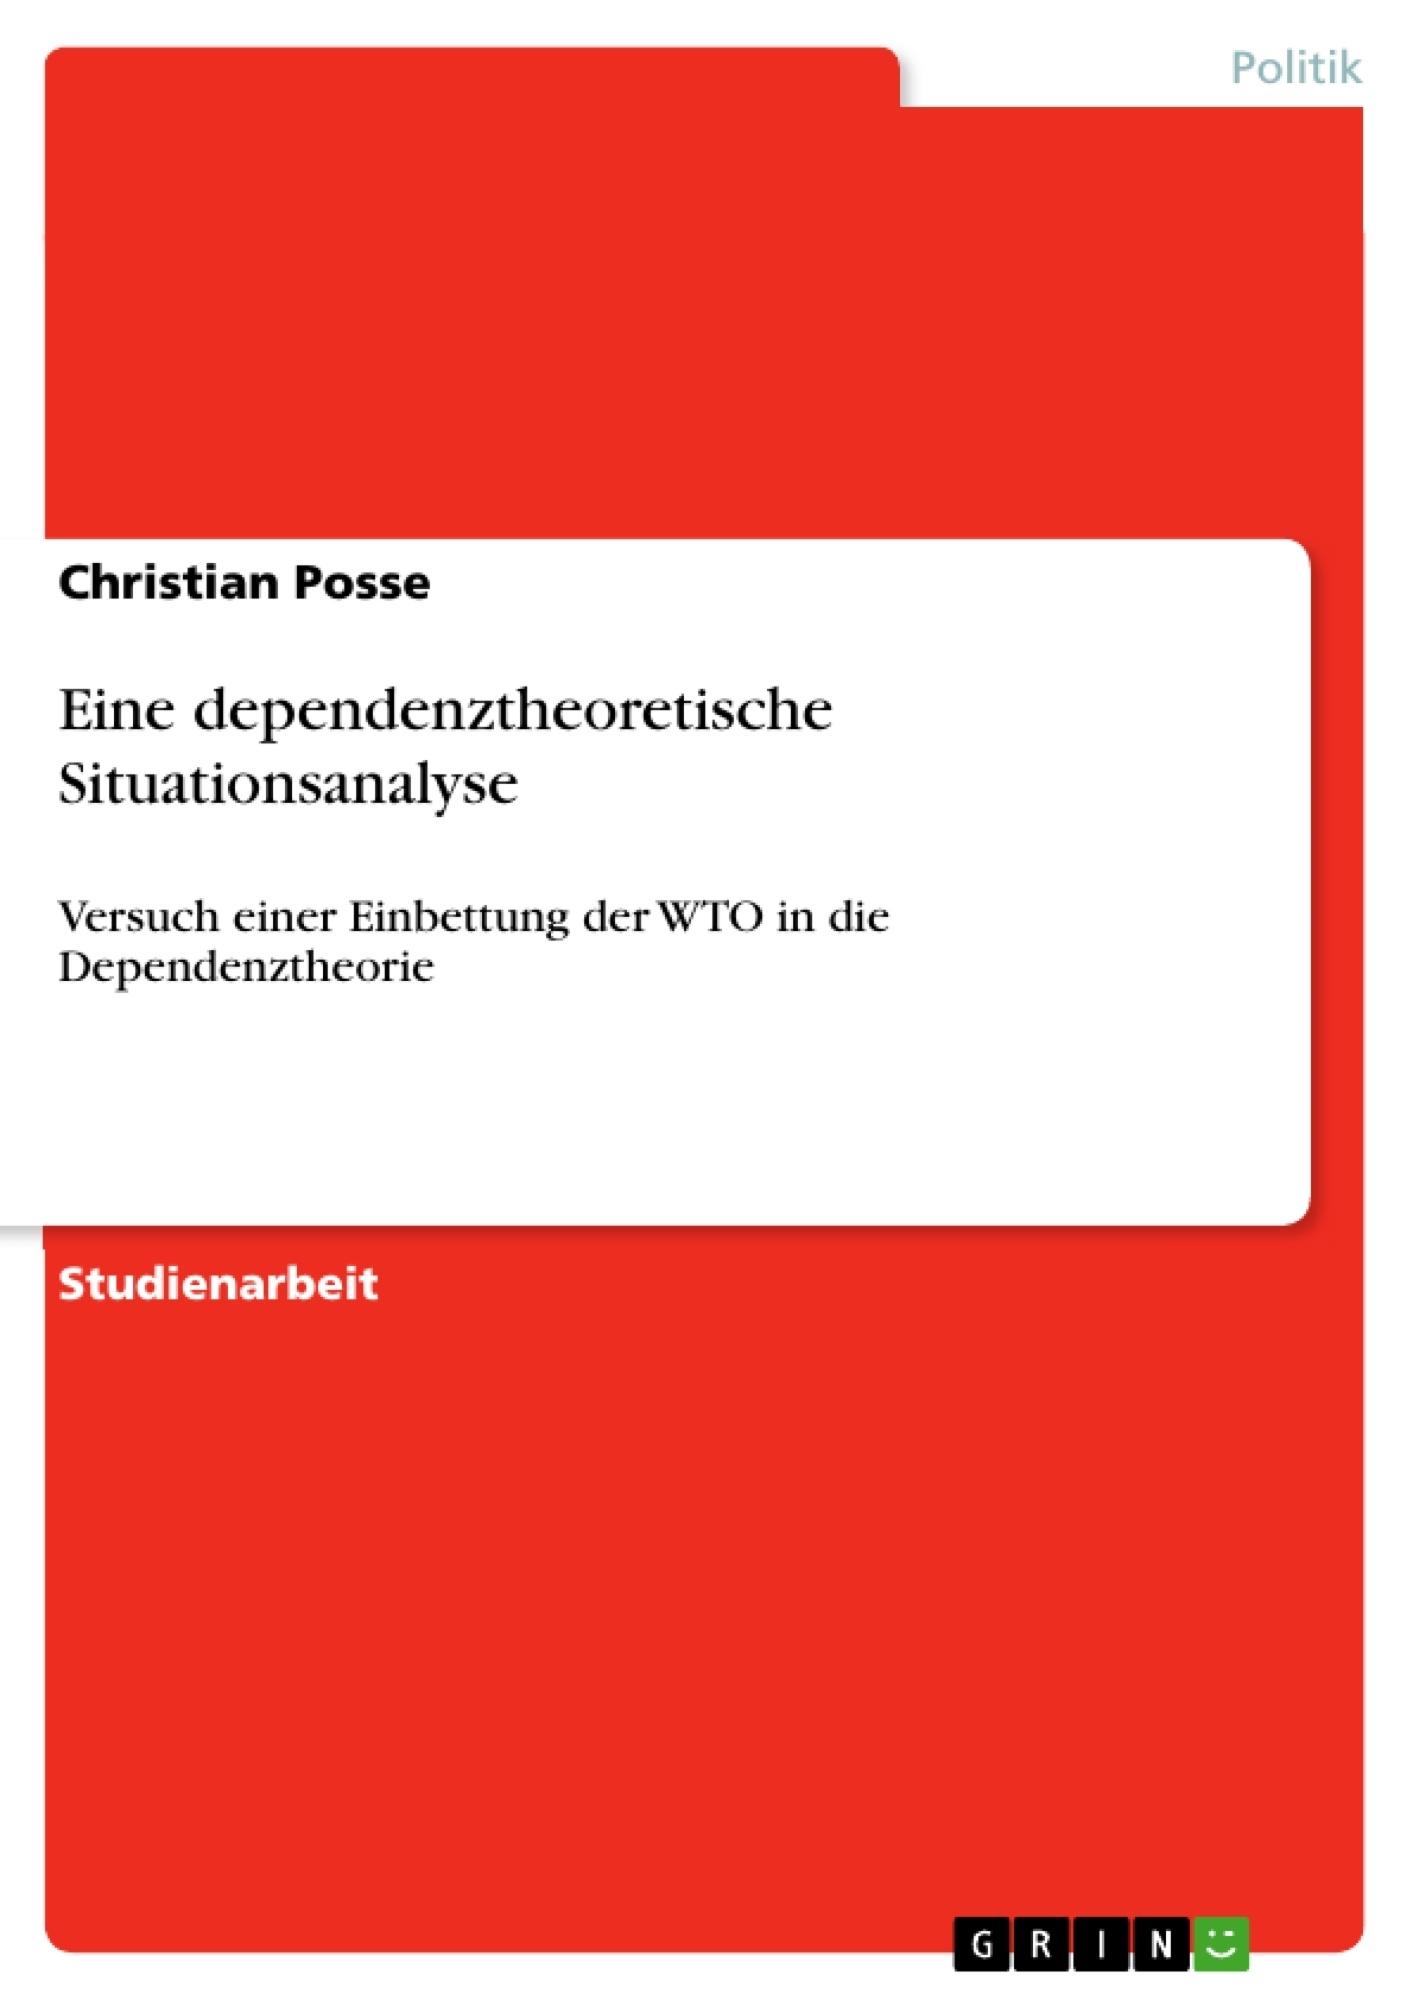 Titel: Eine dependenztheoretische Situationsanalyse